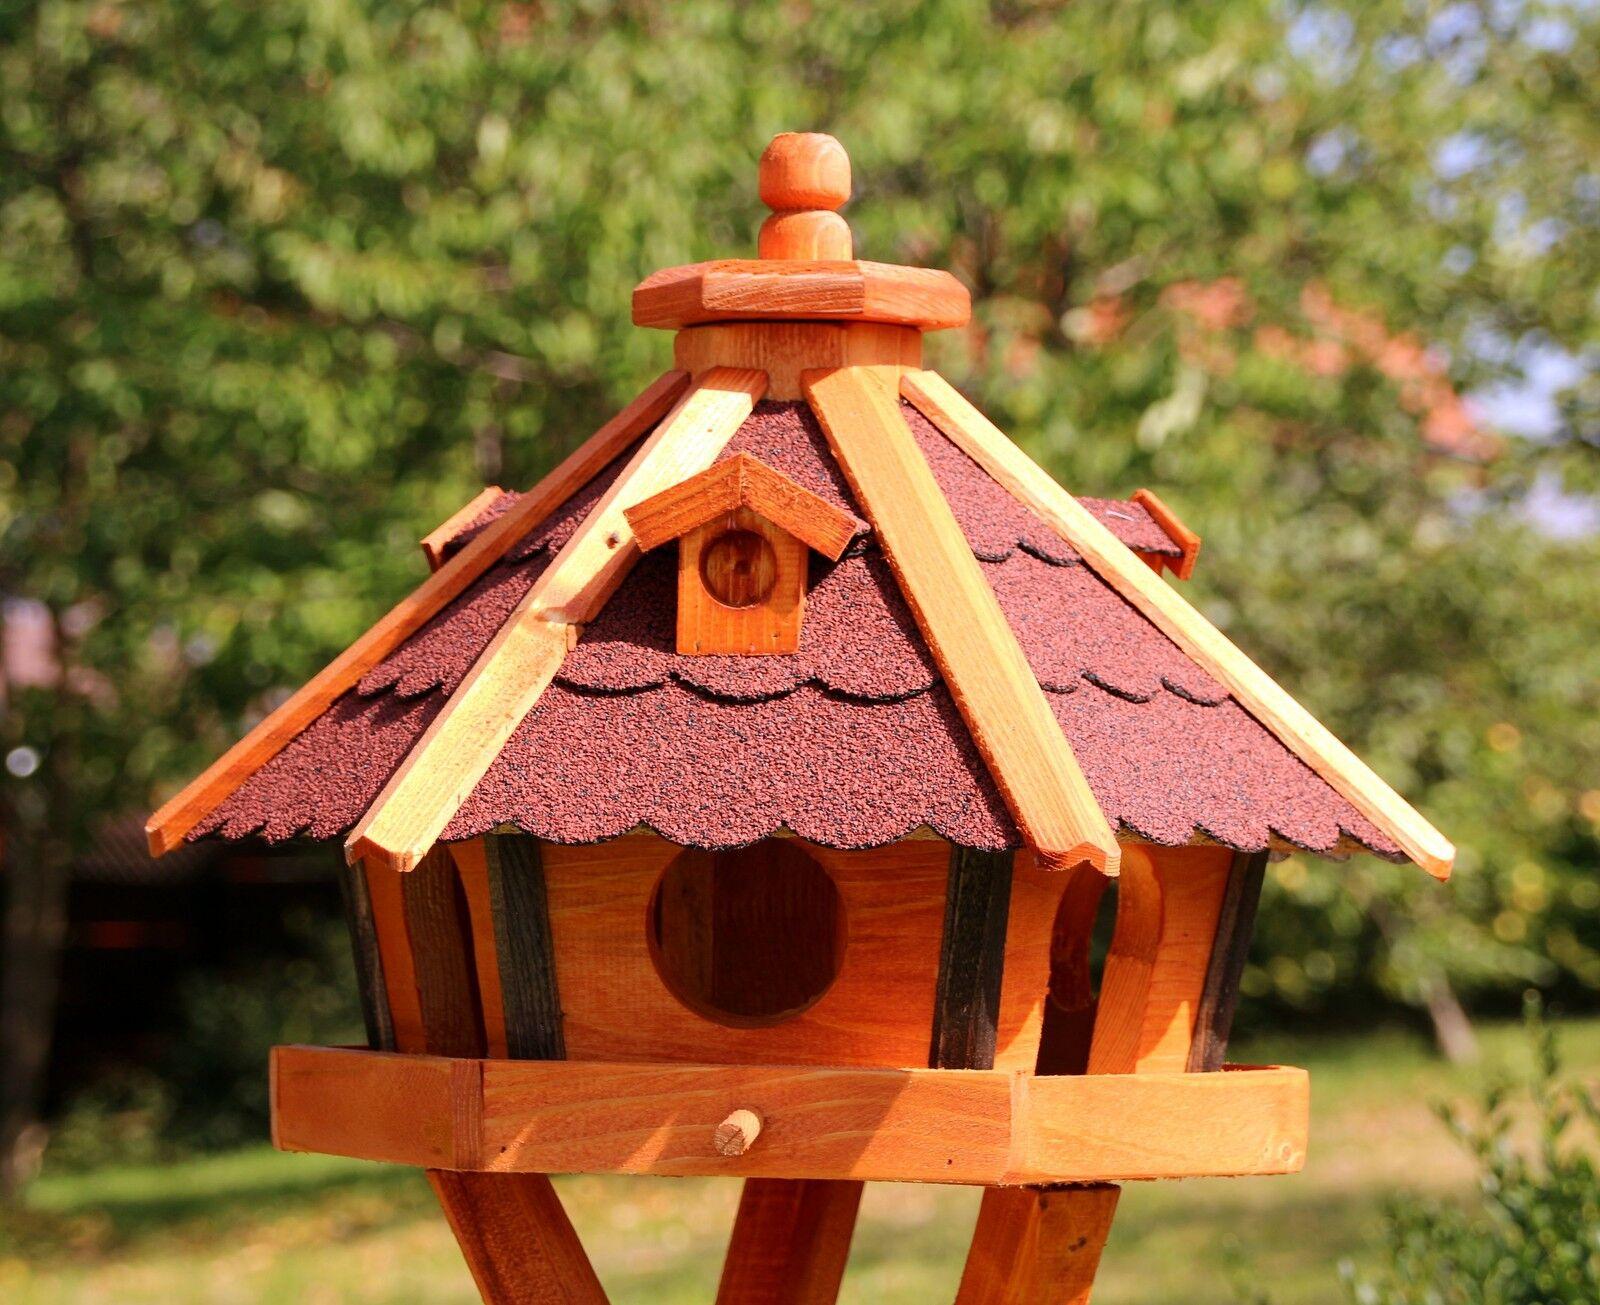 Volière oiseau 23 maisons oiseau maison type 23 oiseau u 24 égaleHommes t avec pied et solaire lumière 4ec91d